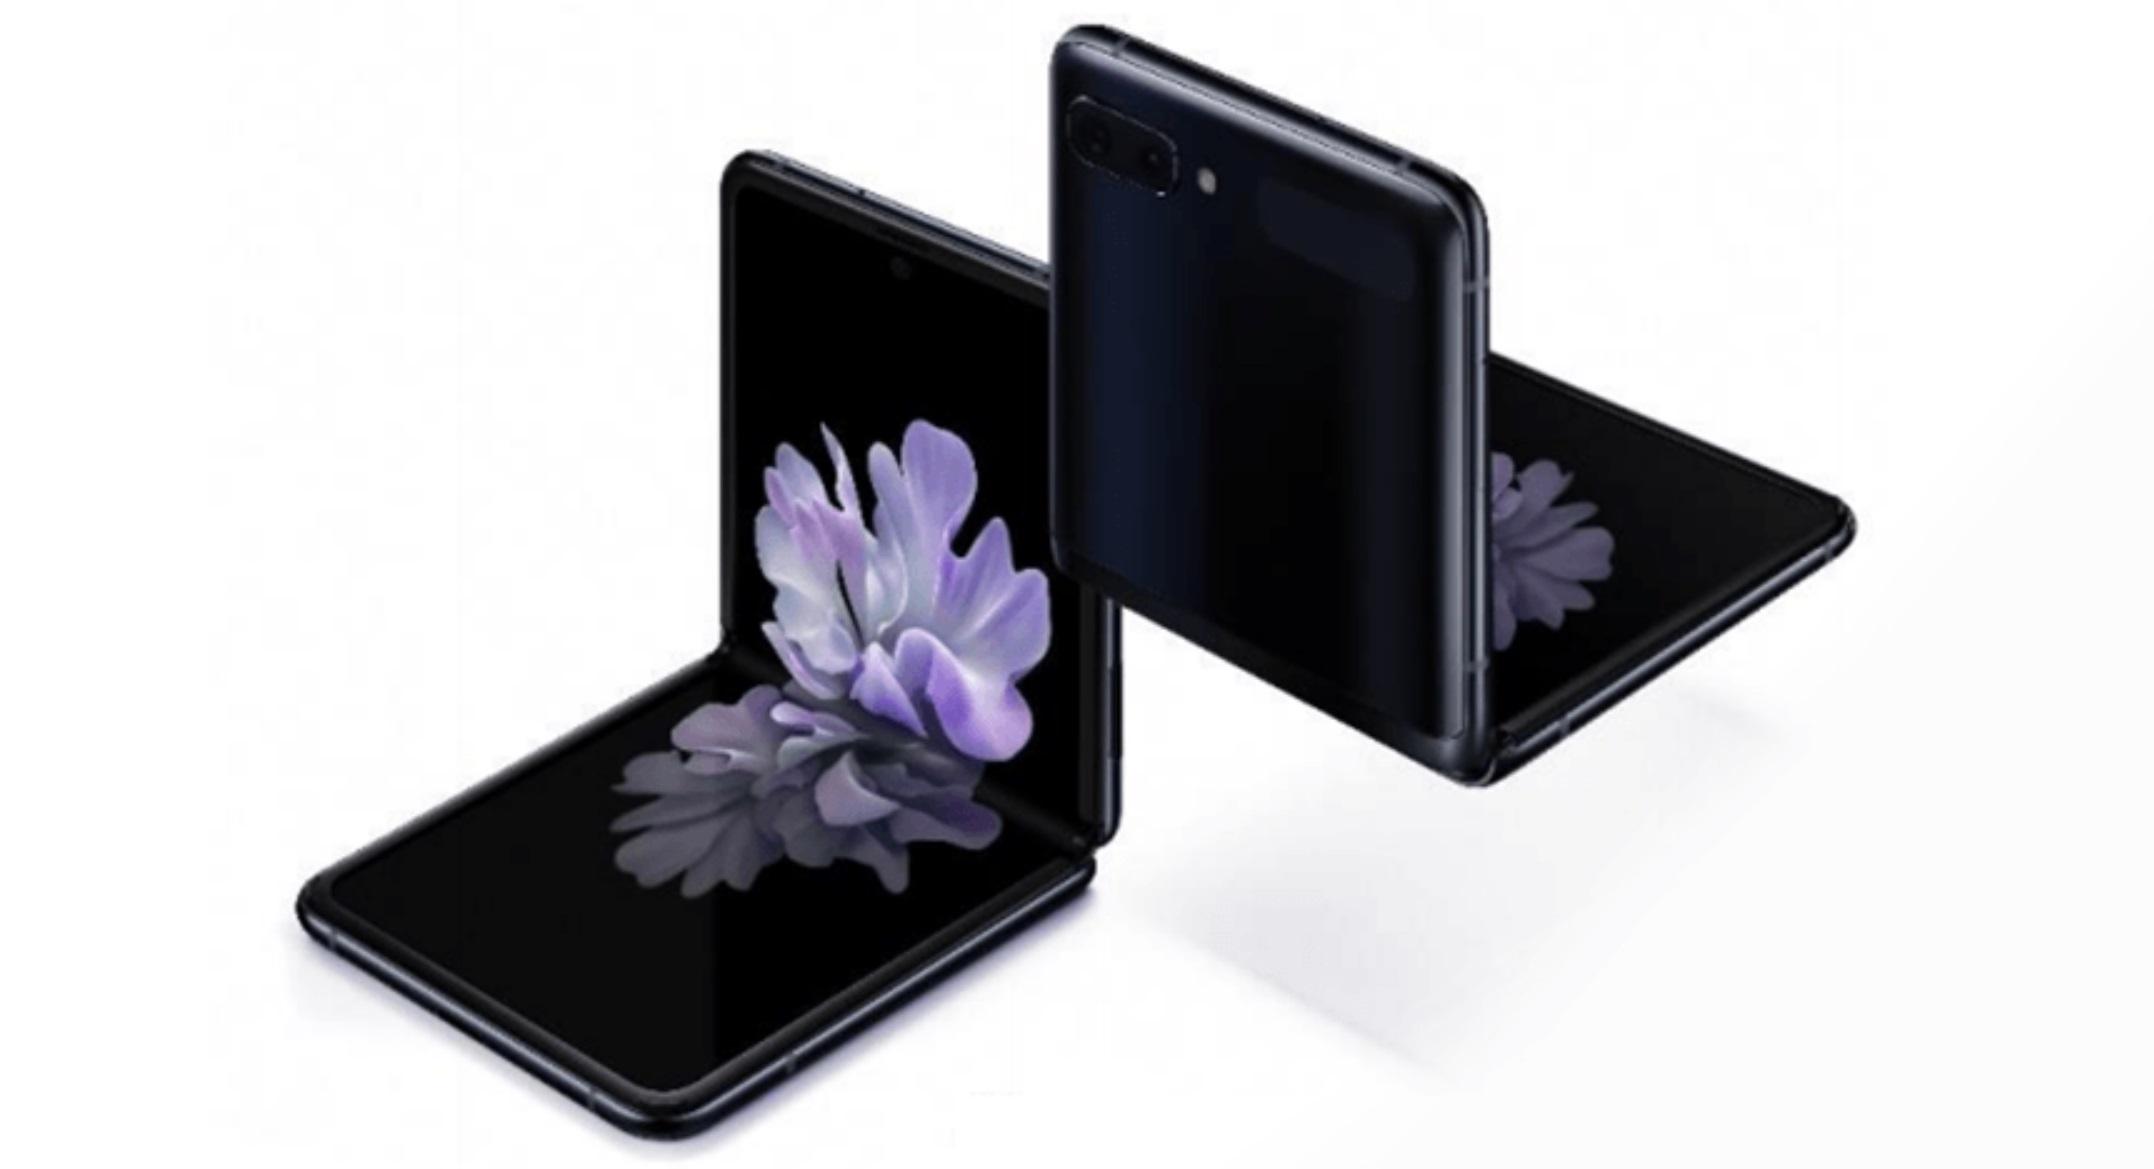 Novo samsung Galaxy Z Flip 5G apareceu em um novo vídeo que vazou 1